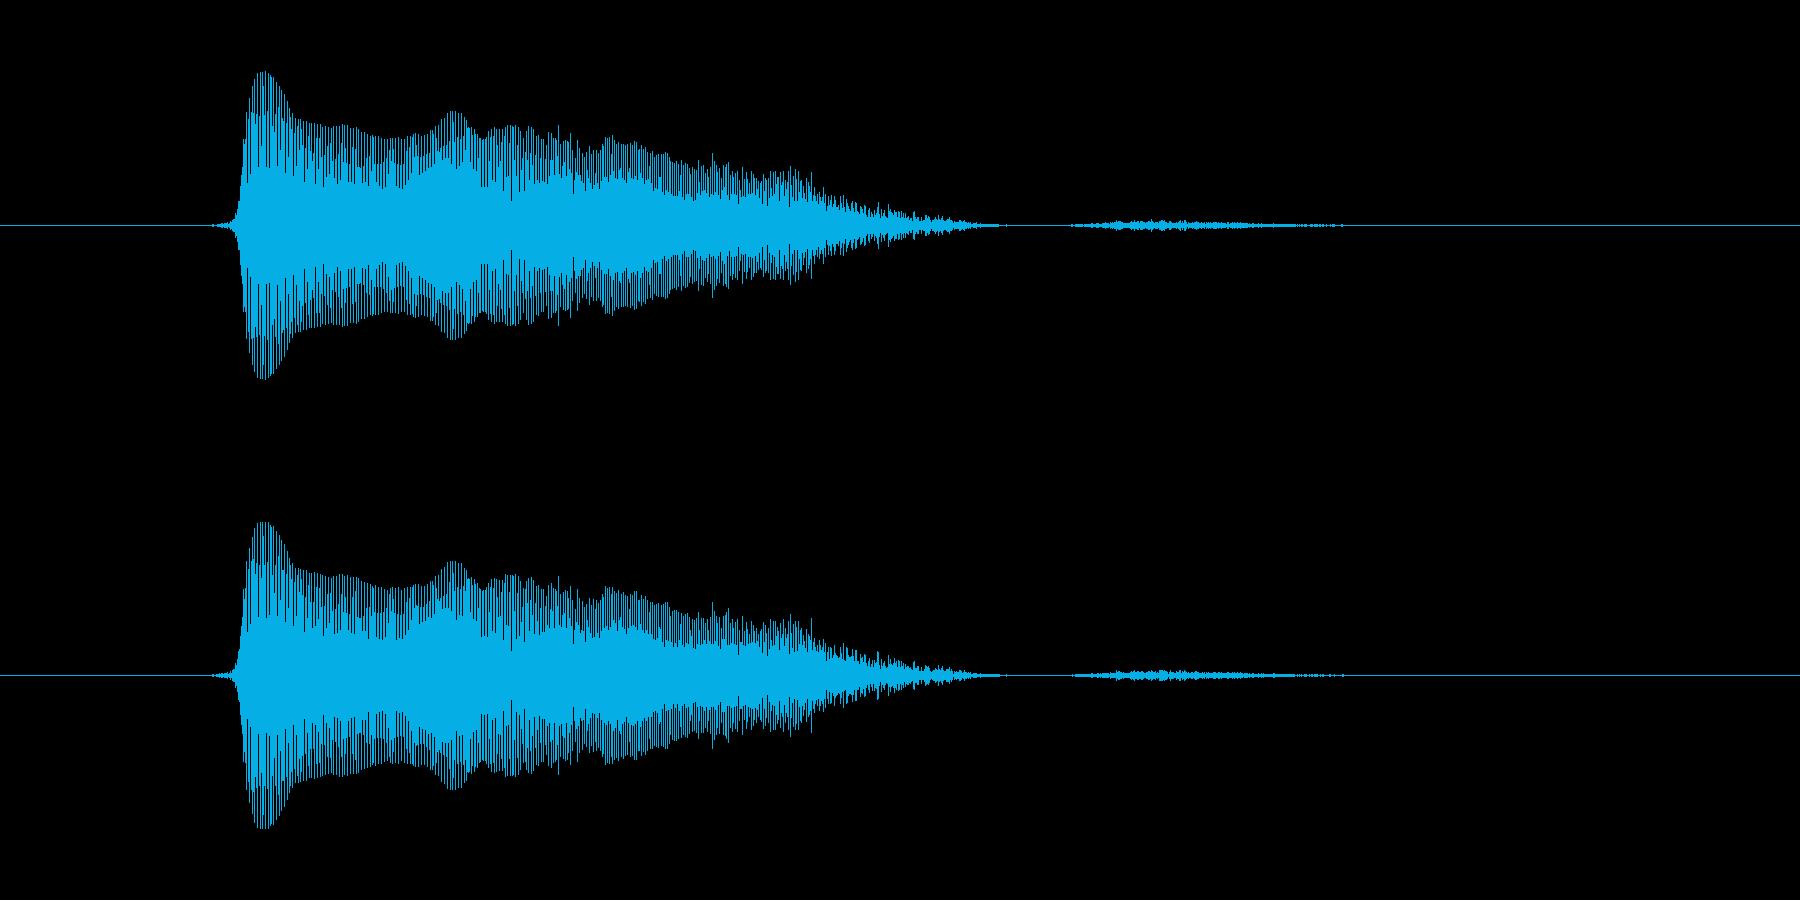 ふわぁっ!の再生済みの波形